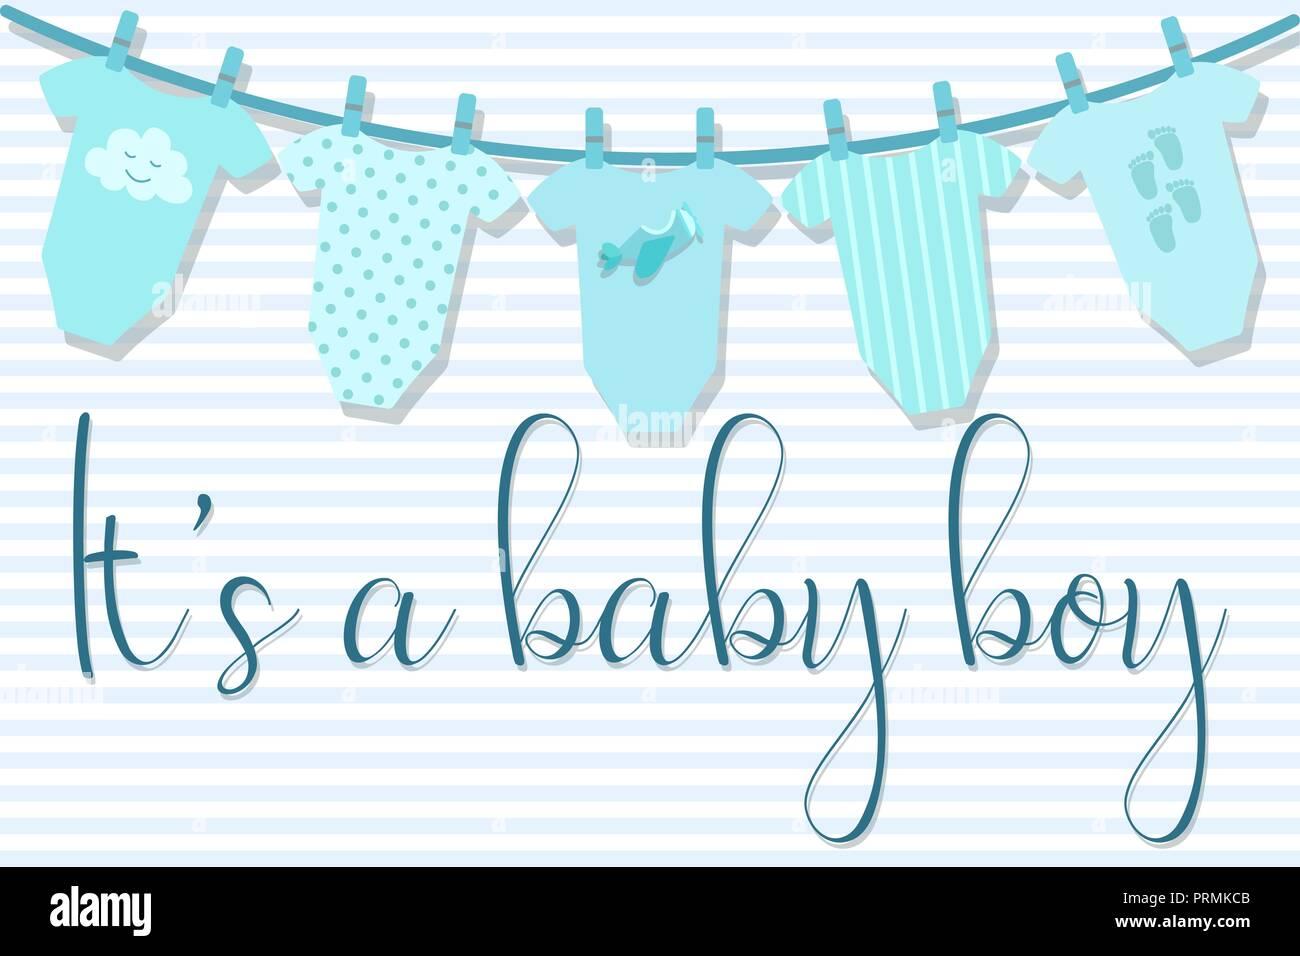 Imagen Vectorial De Una Tarjeta De Invitación Para Baby